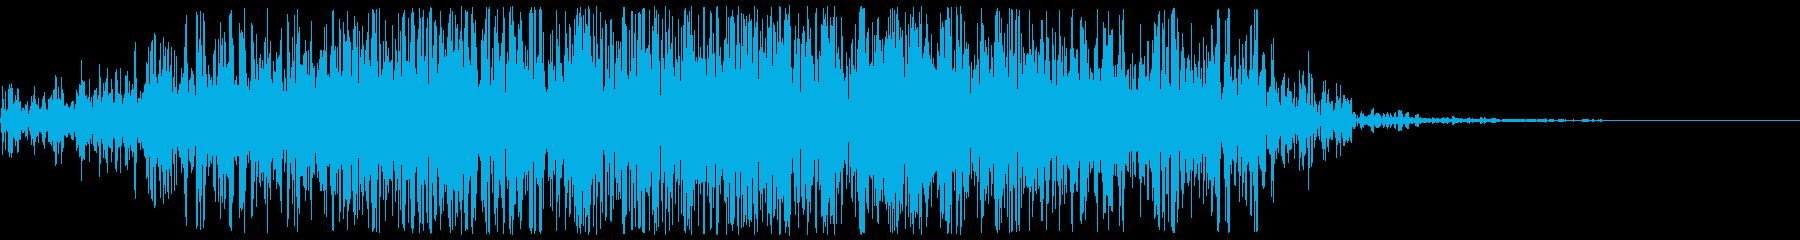 土、大地の魔法(地震+石音)の再生済みの波形